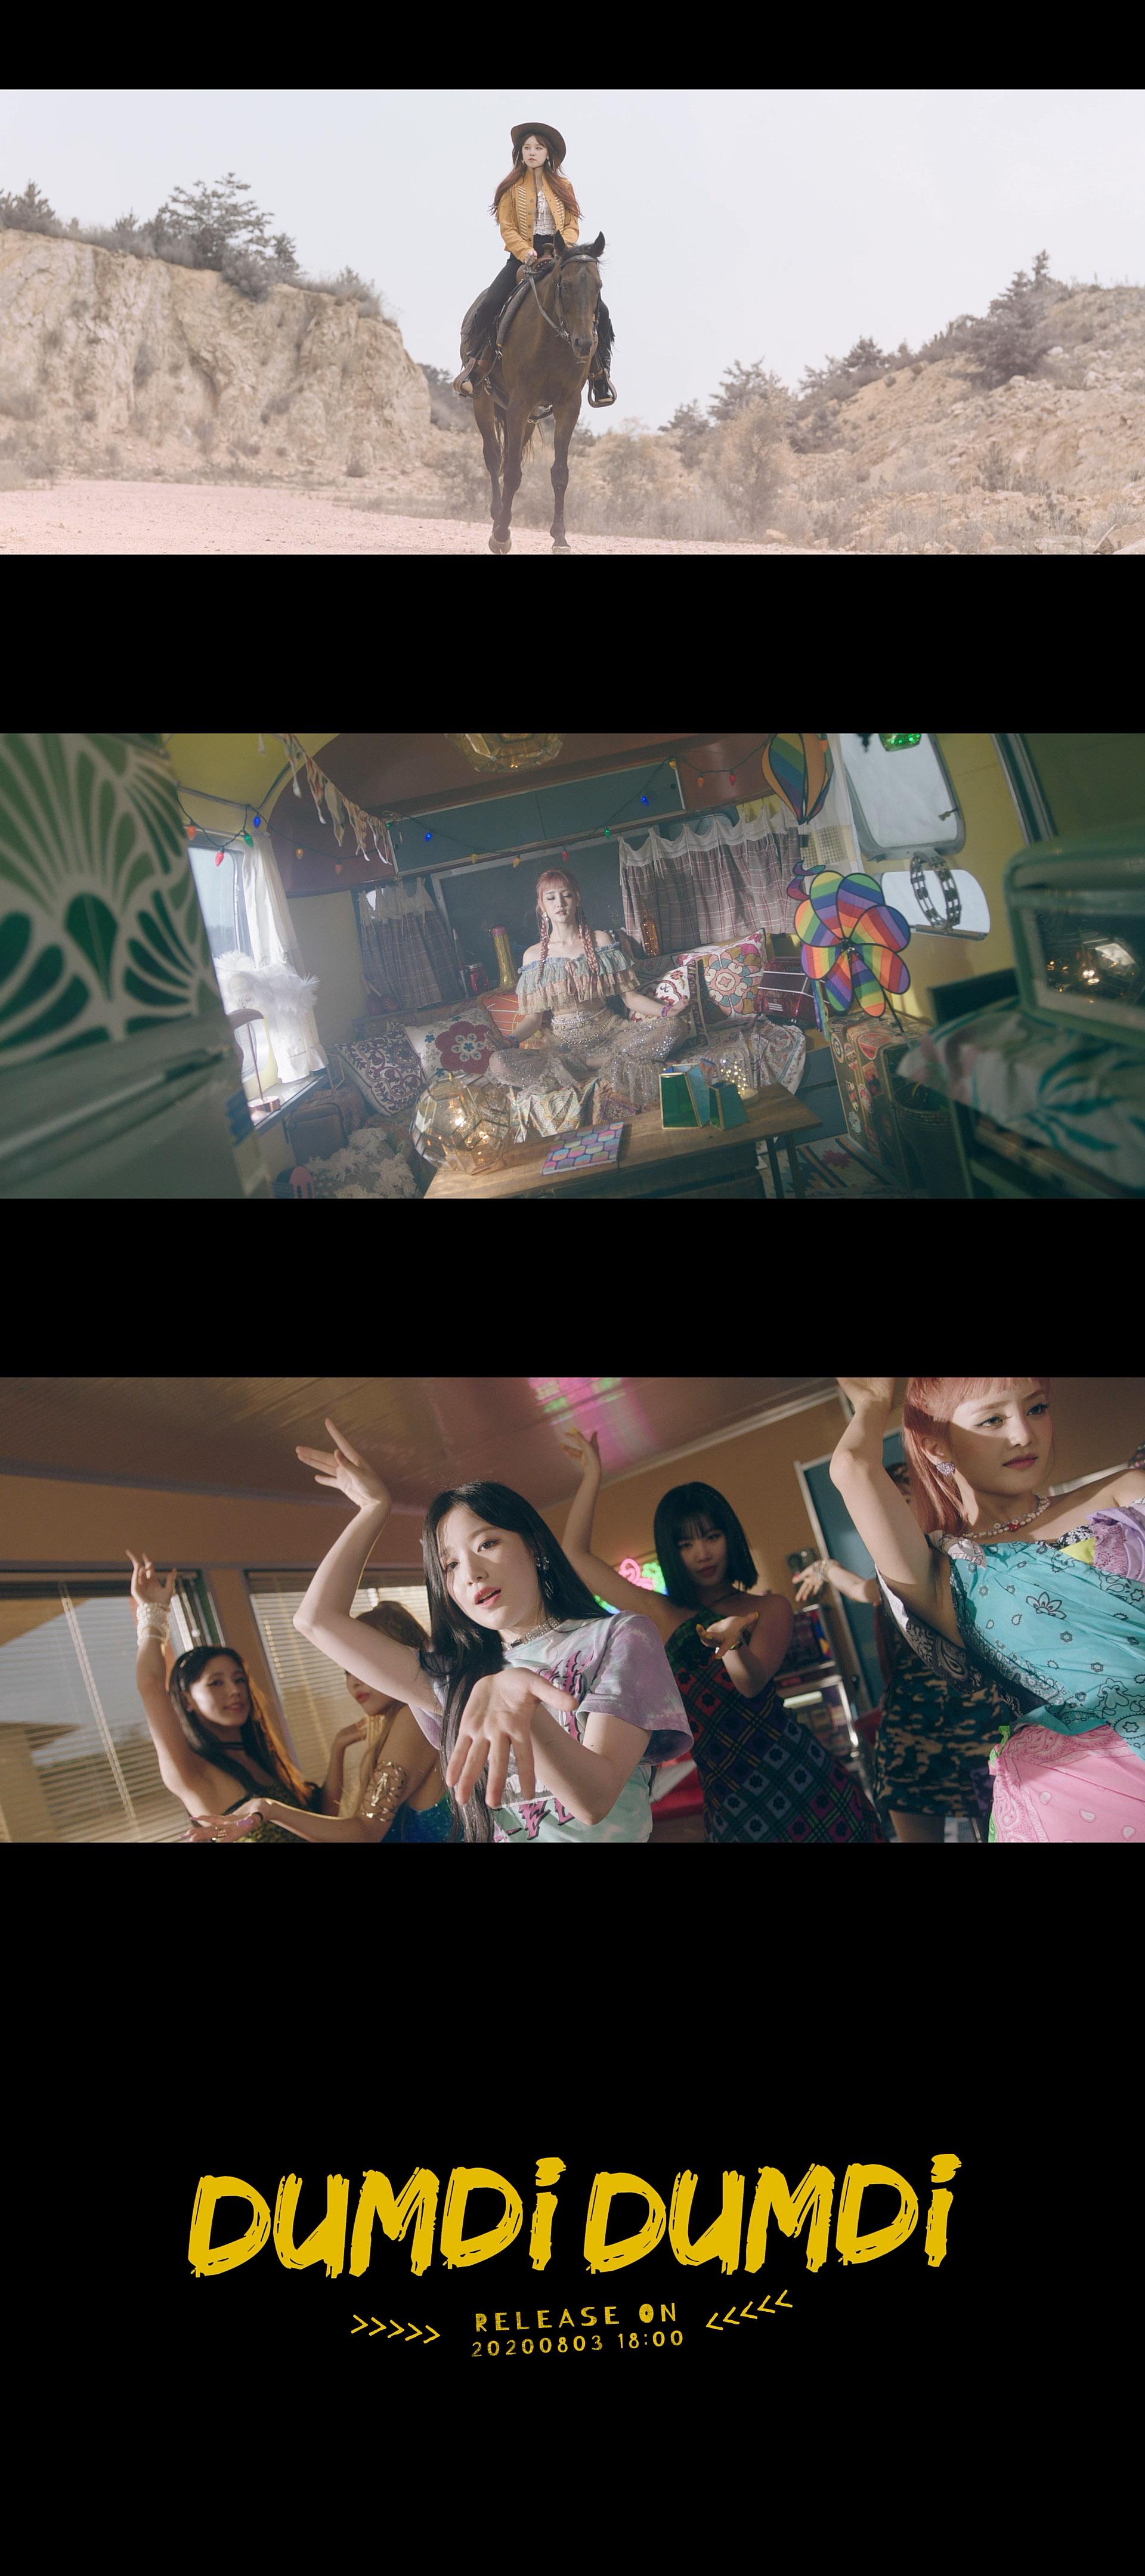 (여자)아이들의 특별한 여름파티… '덤디덤디' MV 티저 공개